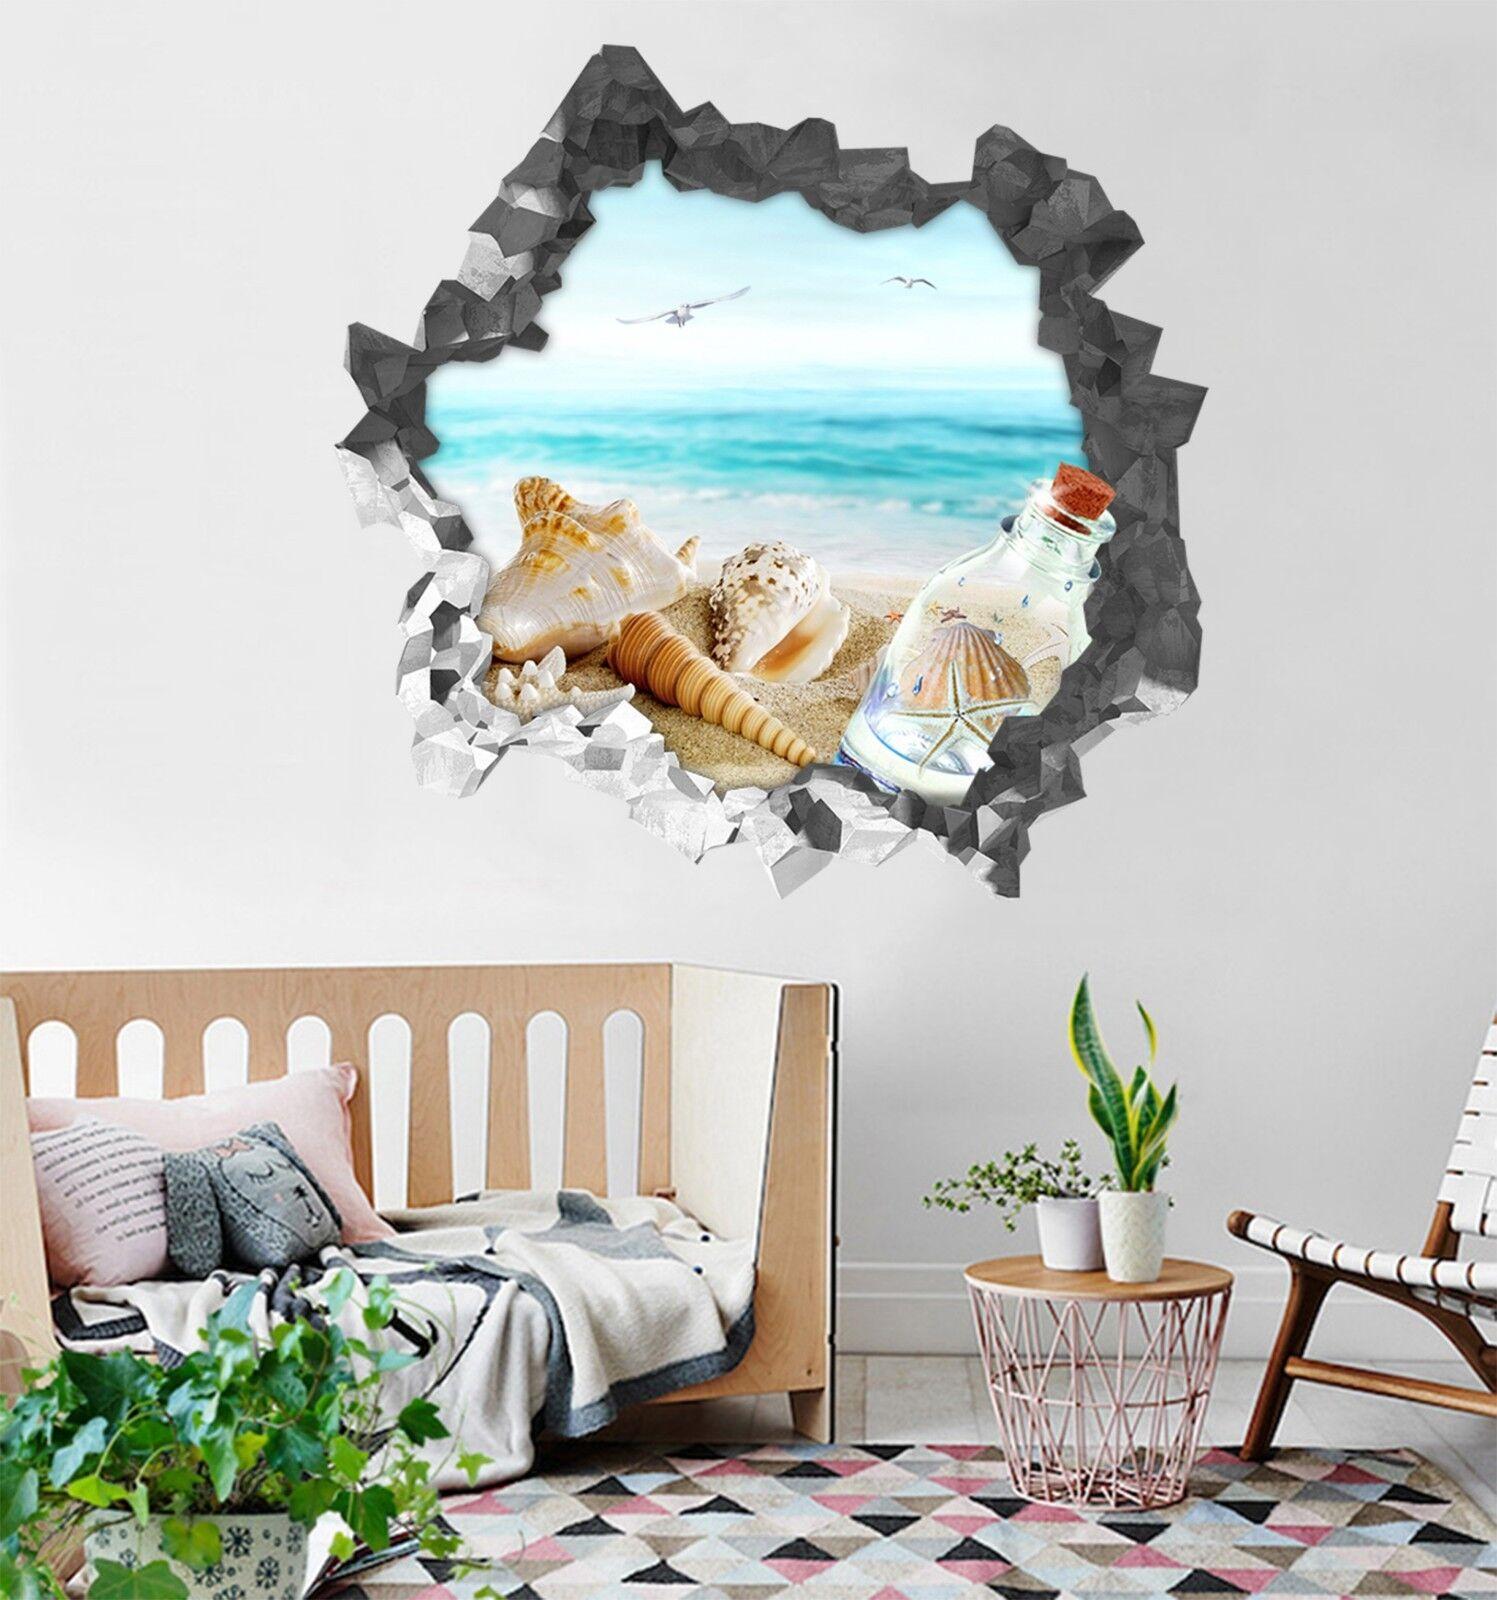 3D Strandschätze 22 Mauer Murals Mauer Aufklebe Decal Durchbruch AJ WALLPAPER DE